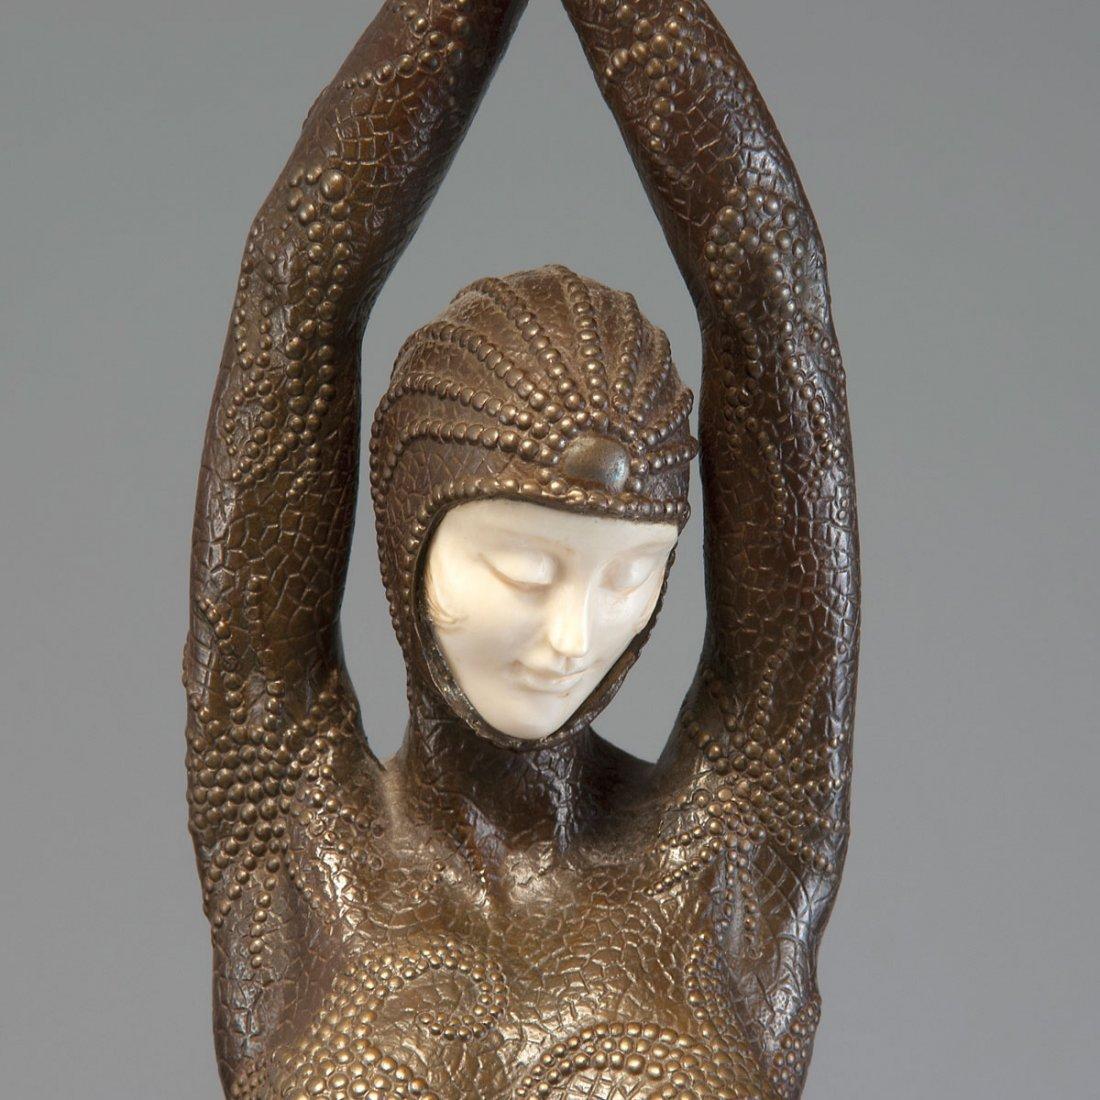 19: 'Etoile de mer' (Starfish), c1928 - 2